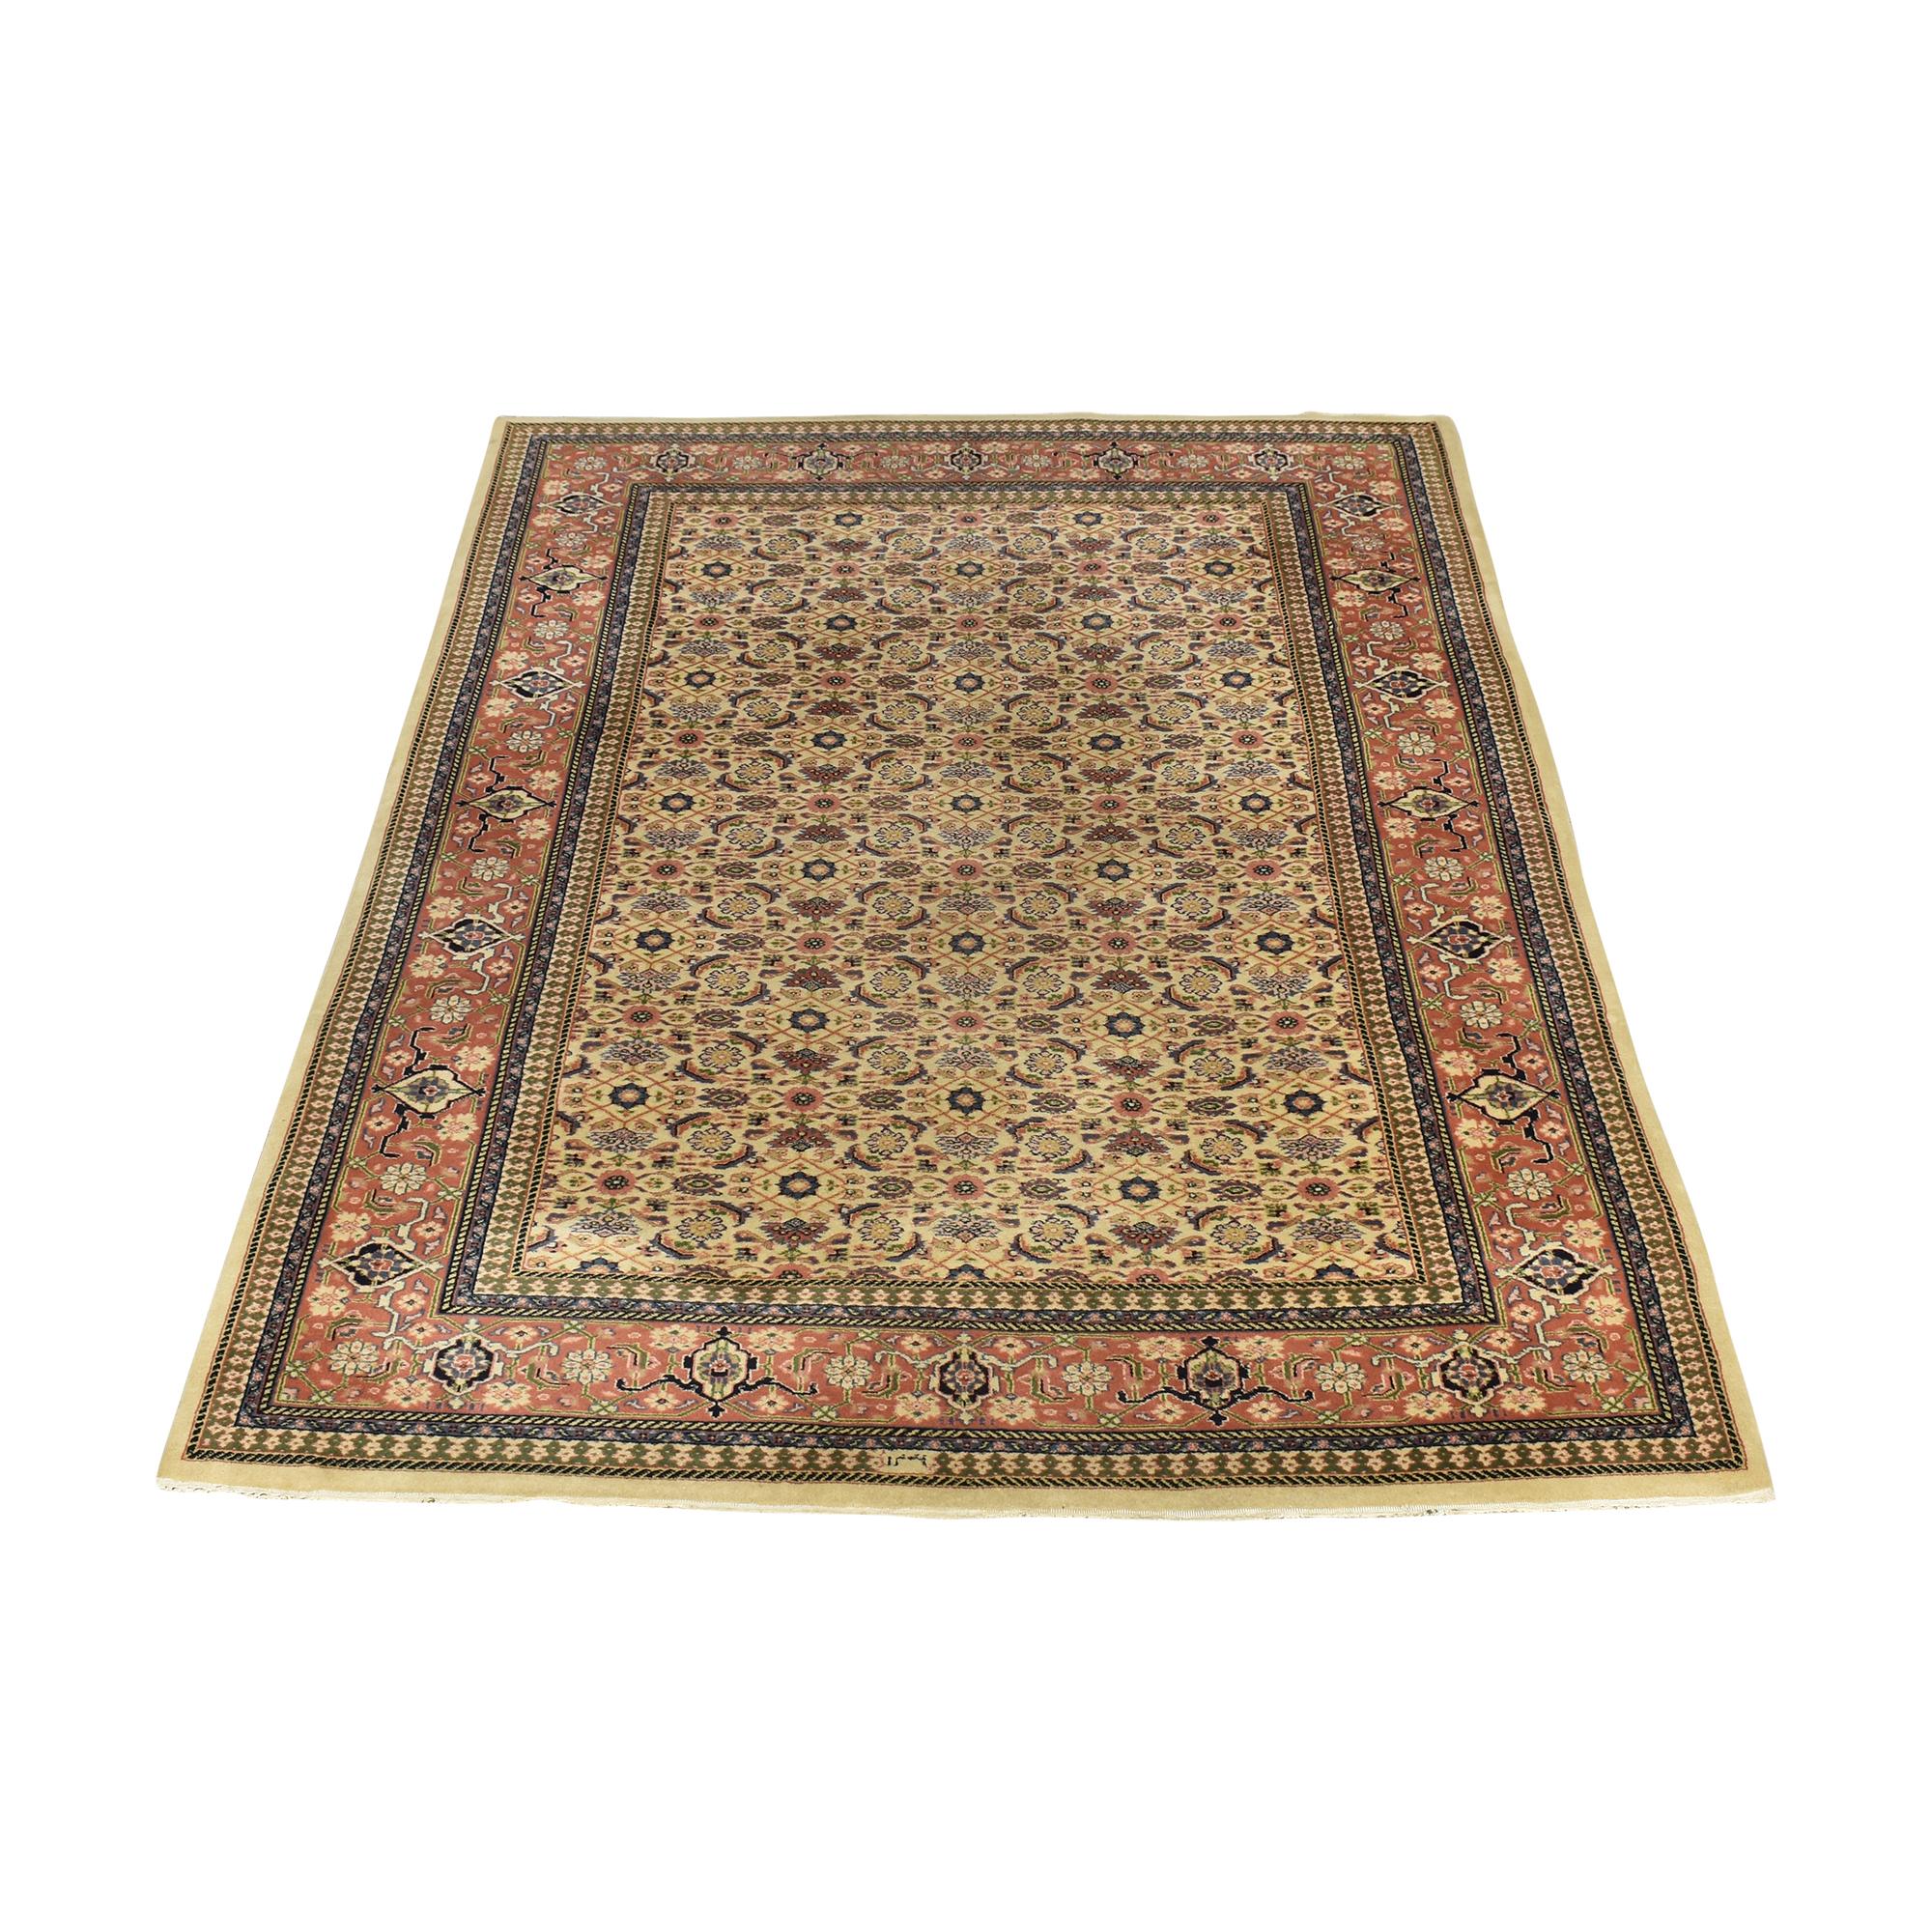 shop ABC Carpet & Home Patterned Area Rug ABC Carpet & Home Decor